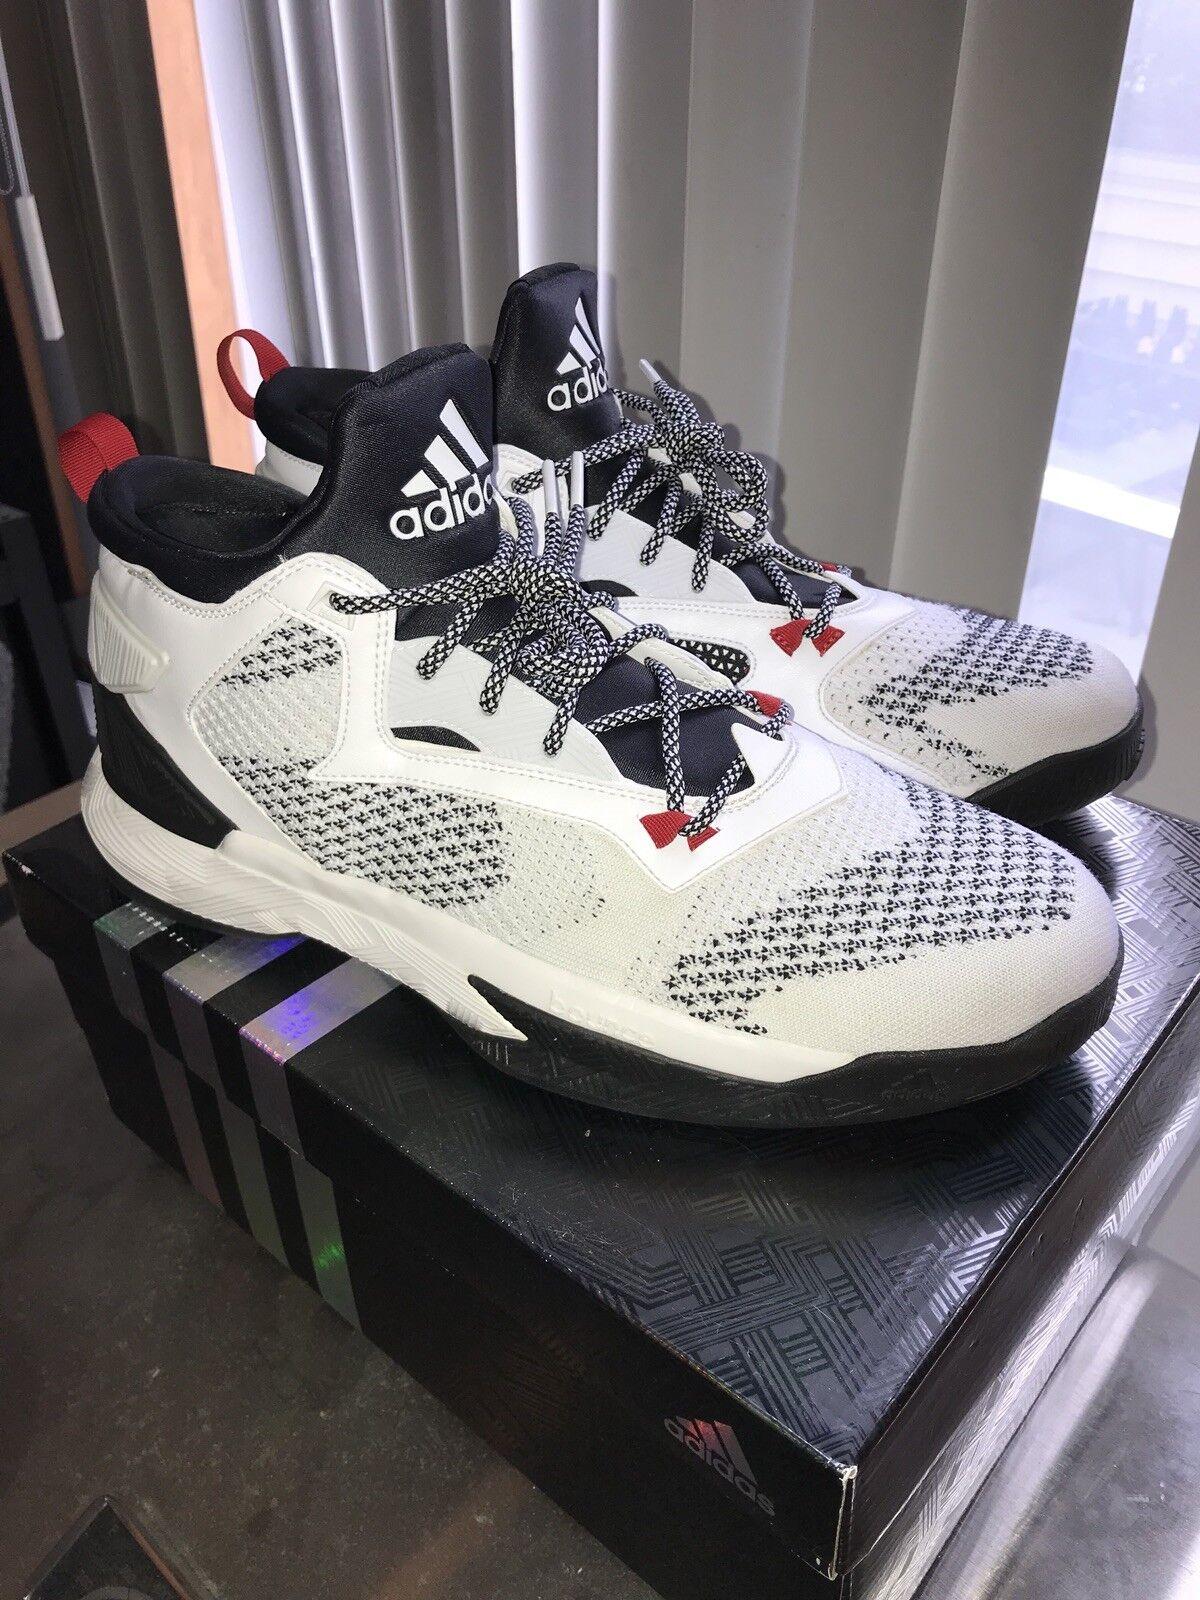 Adidas D Lillard 2 primeknit Rip City size 12